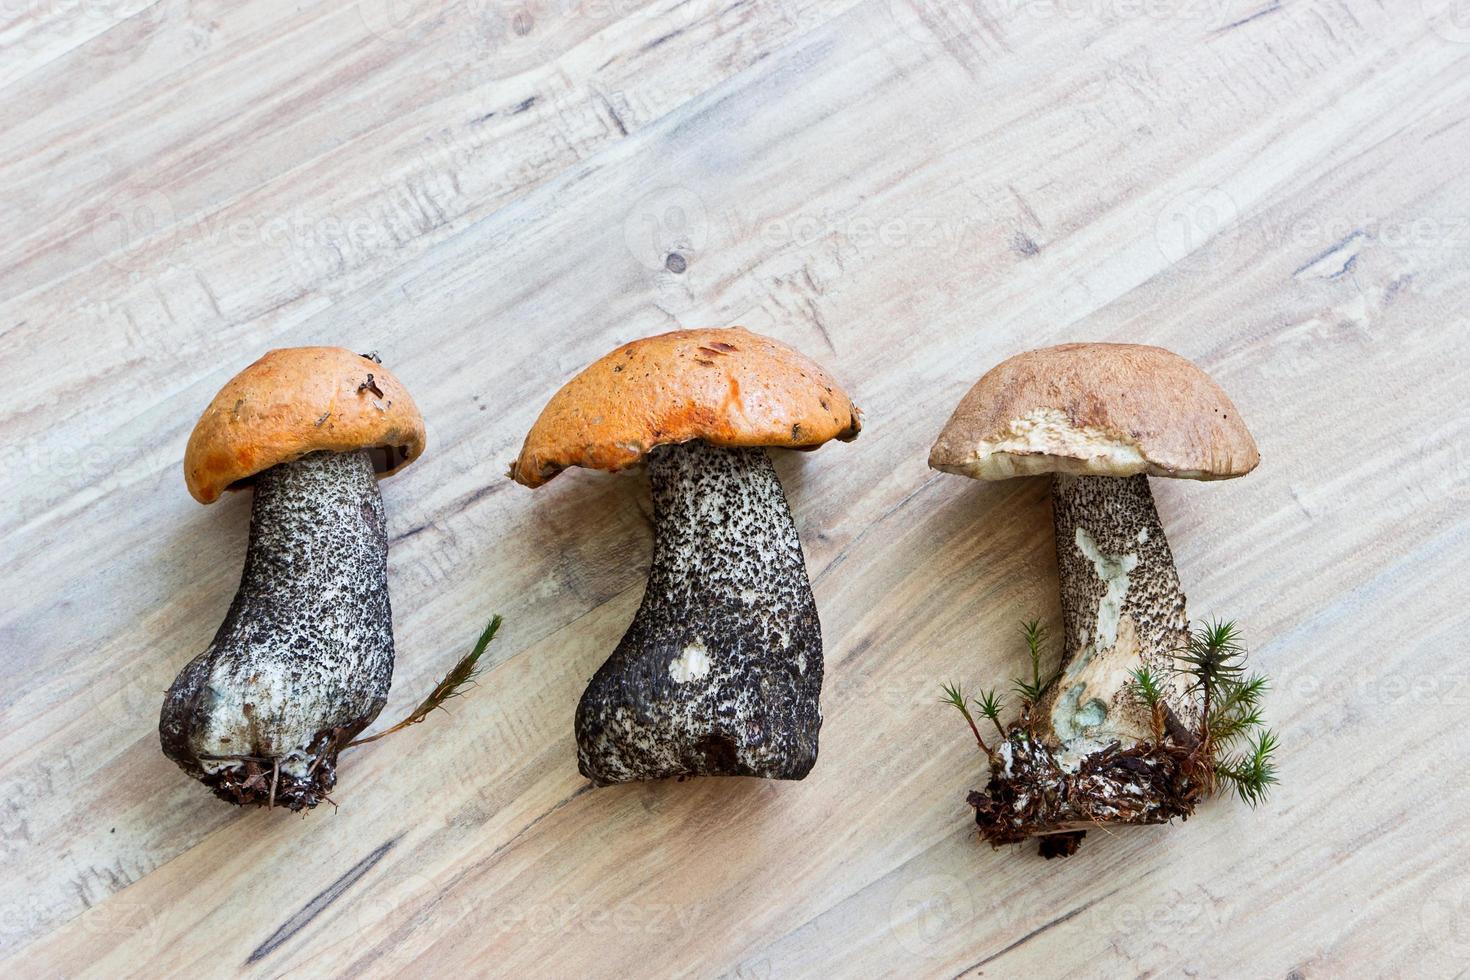 funghi freschi della foresta su fondo di legno foto